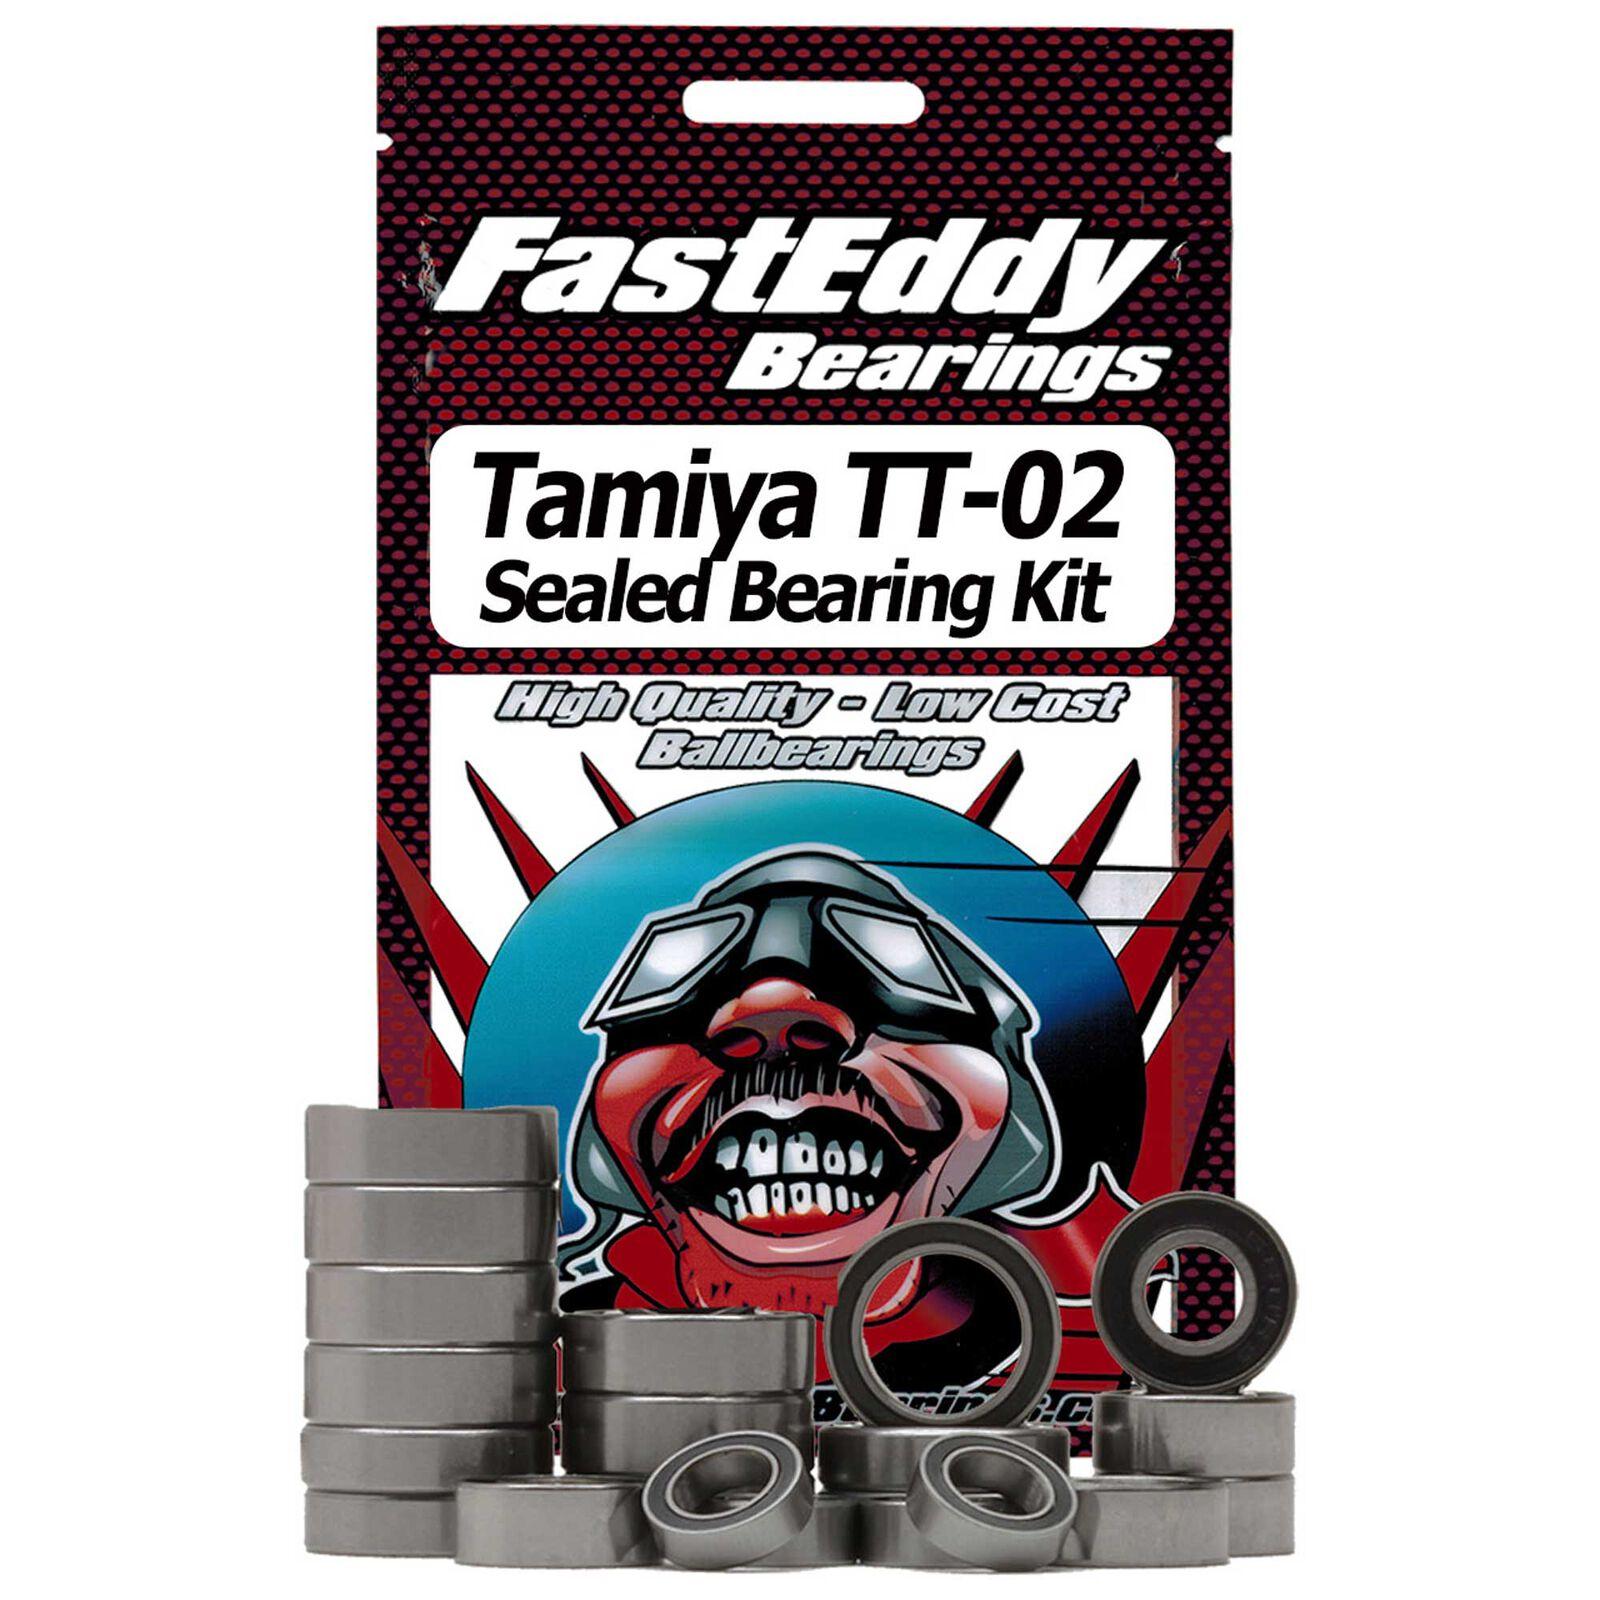 Rubber Sealed Bearing Kit: Tamiya TT-02 Chassis